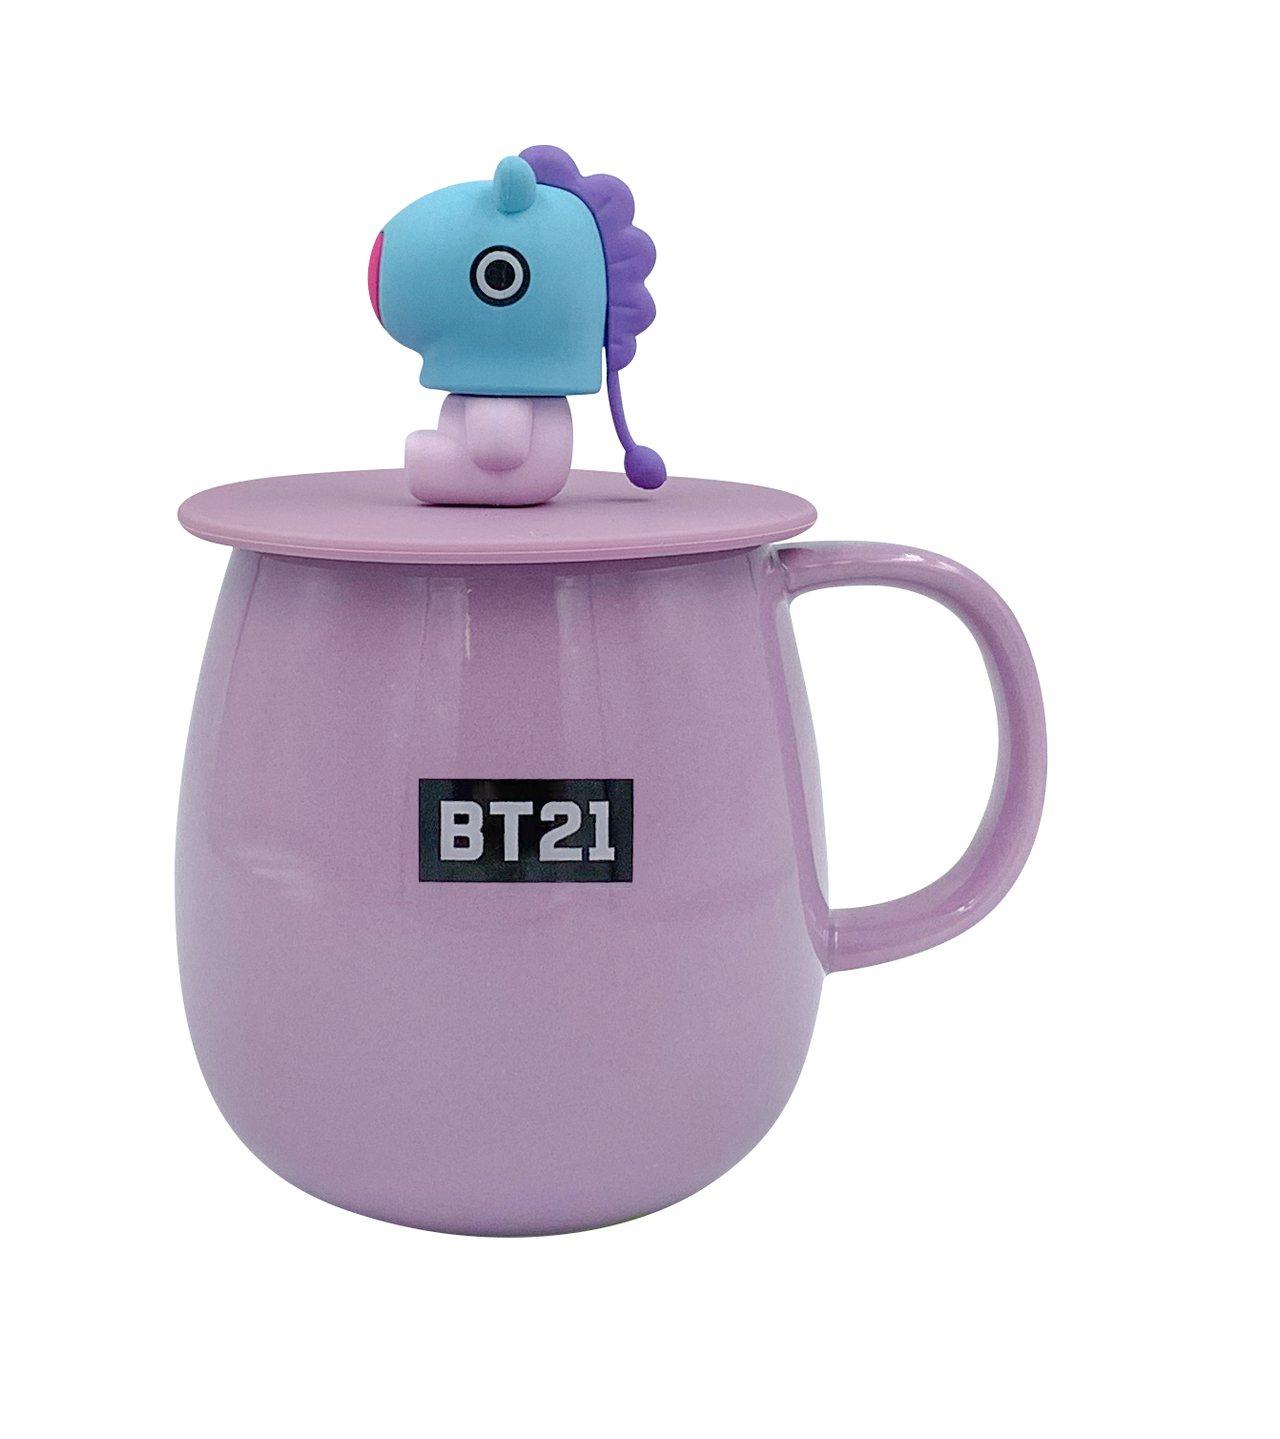 「BT21」保溫杯-MANG款,2,000點+429元,12月4日起於全家便利商...